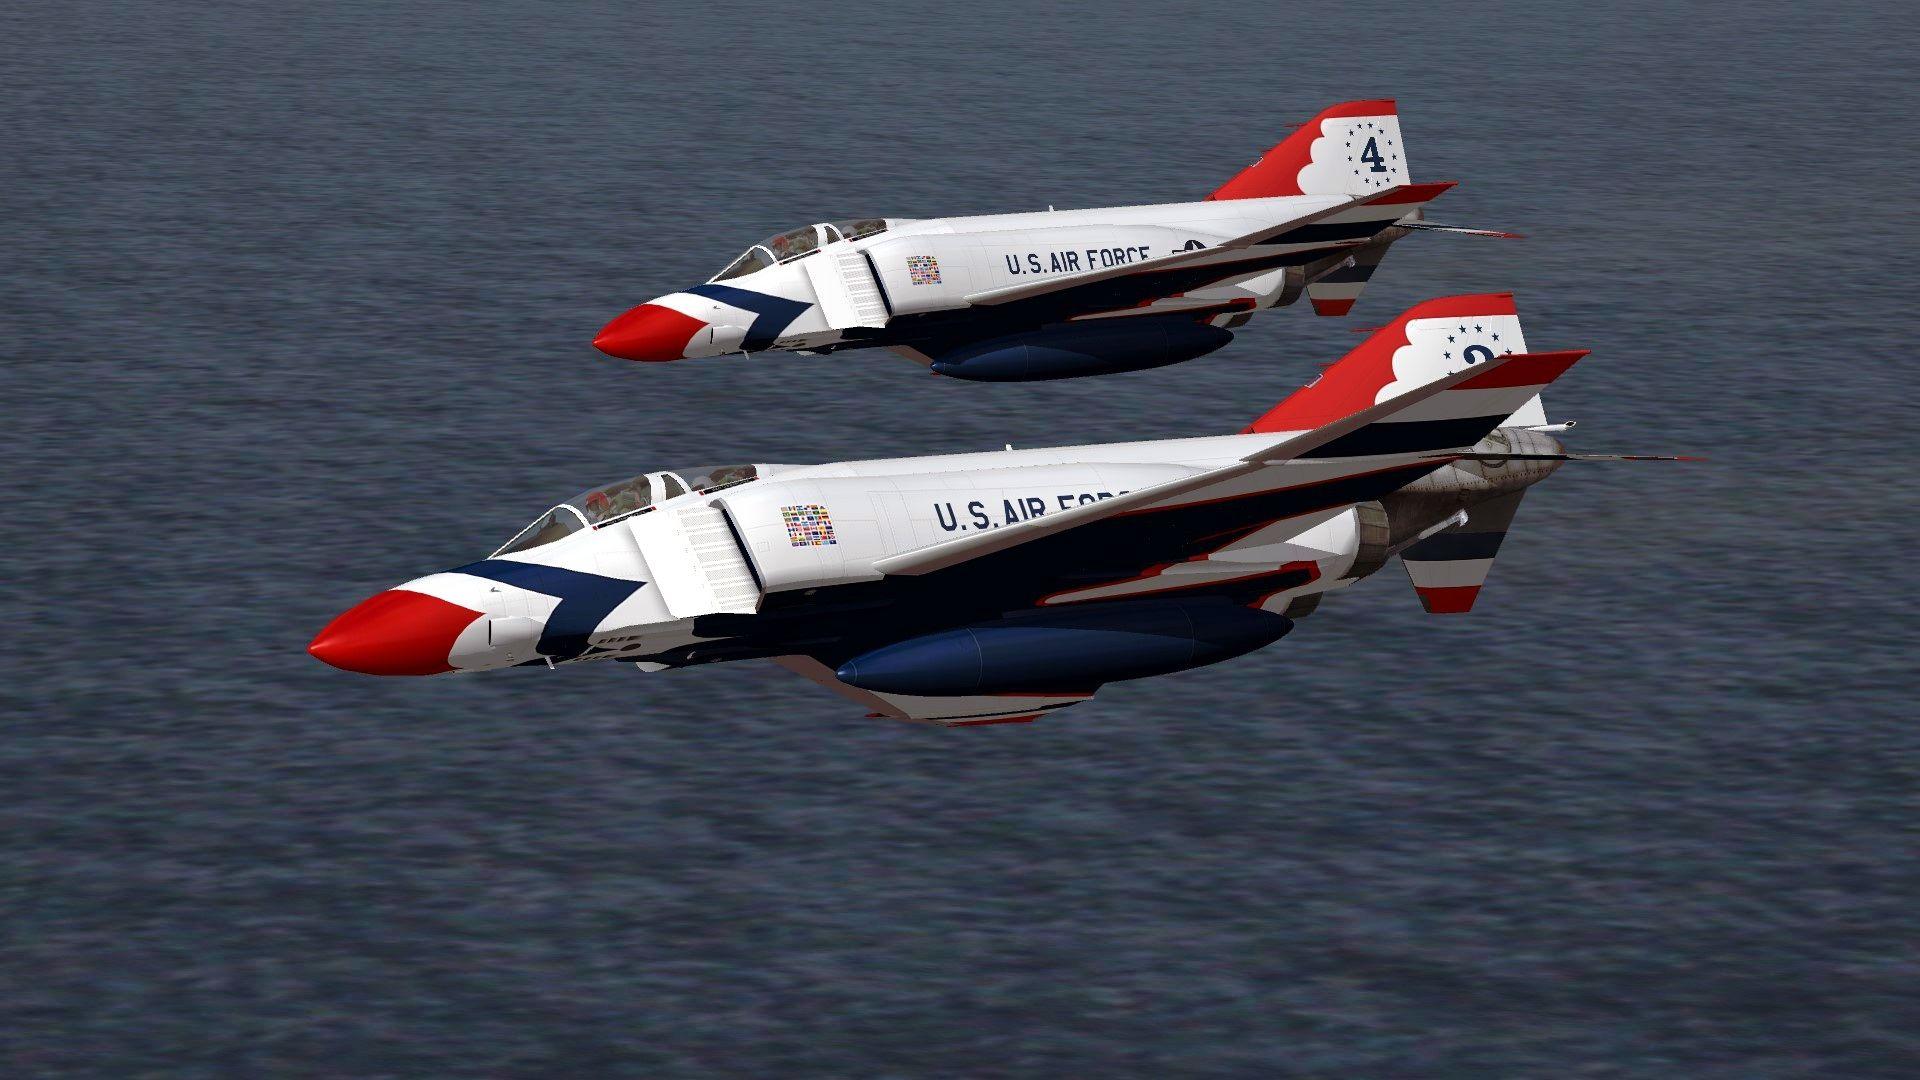 USAF%20F-110B%20PHANTOM.07_zps9lcm96dh.j